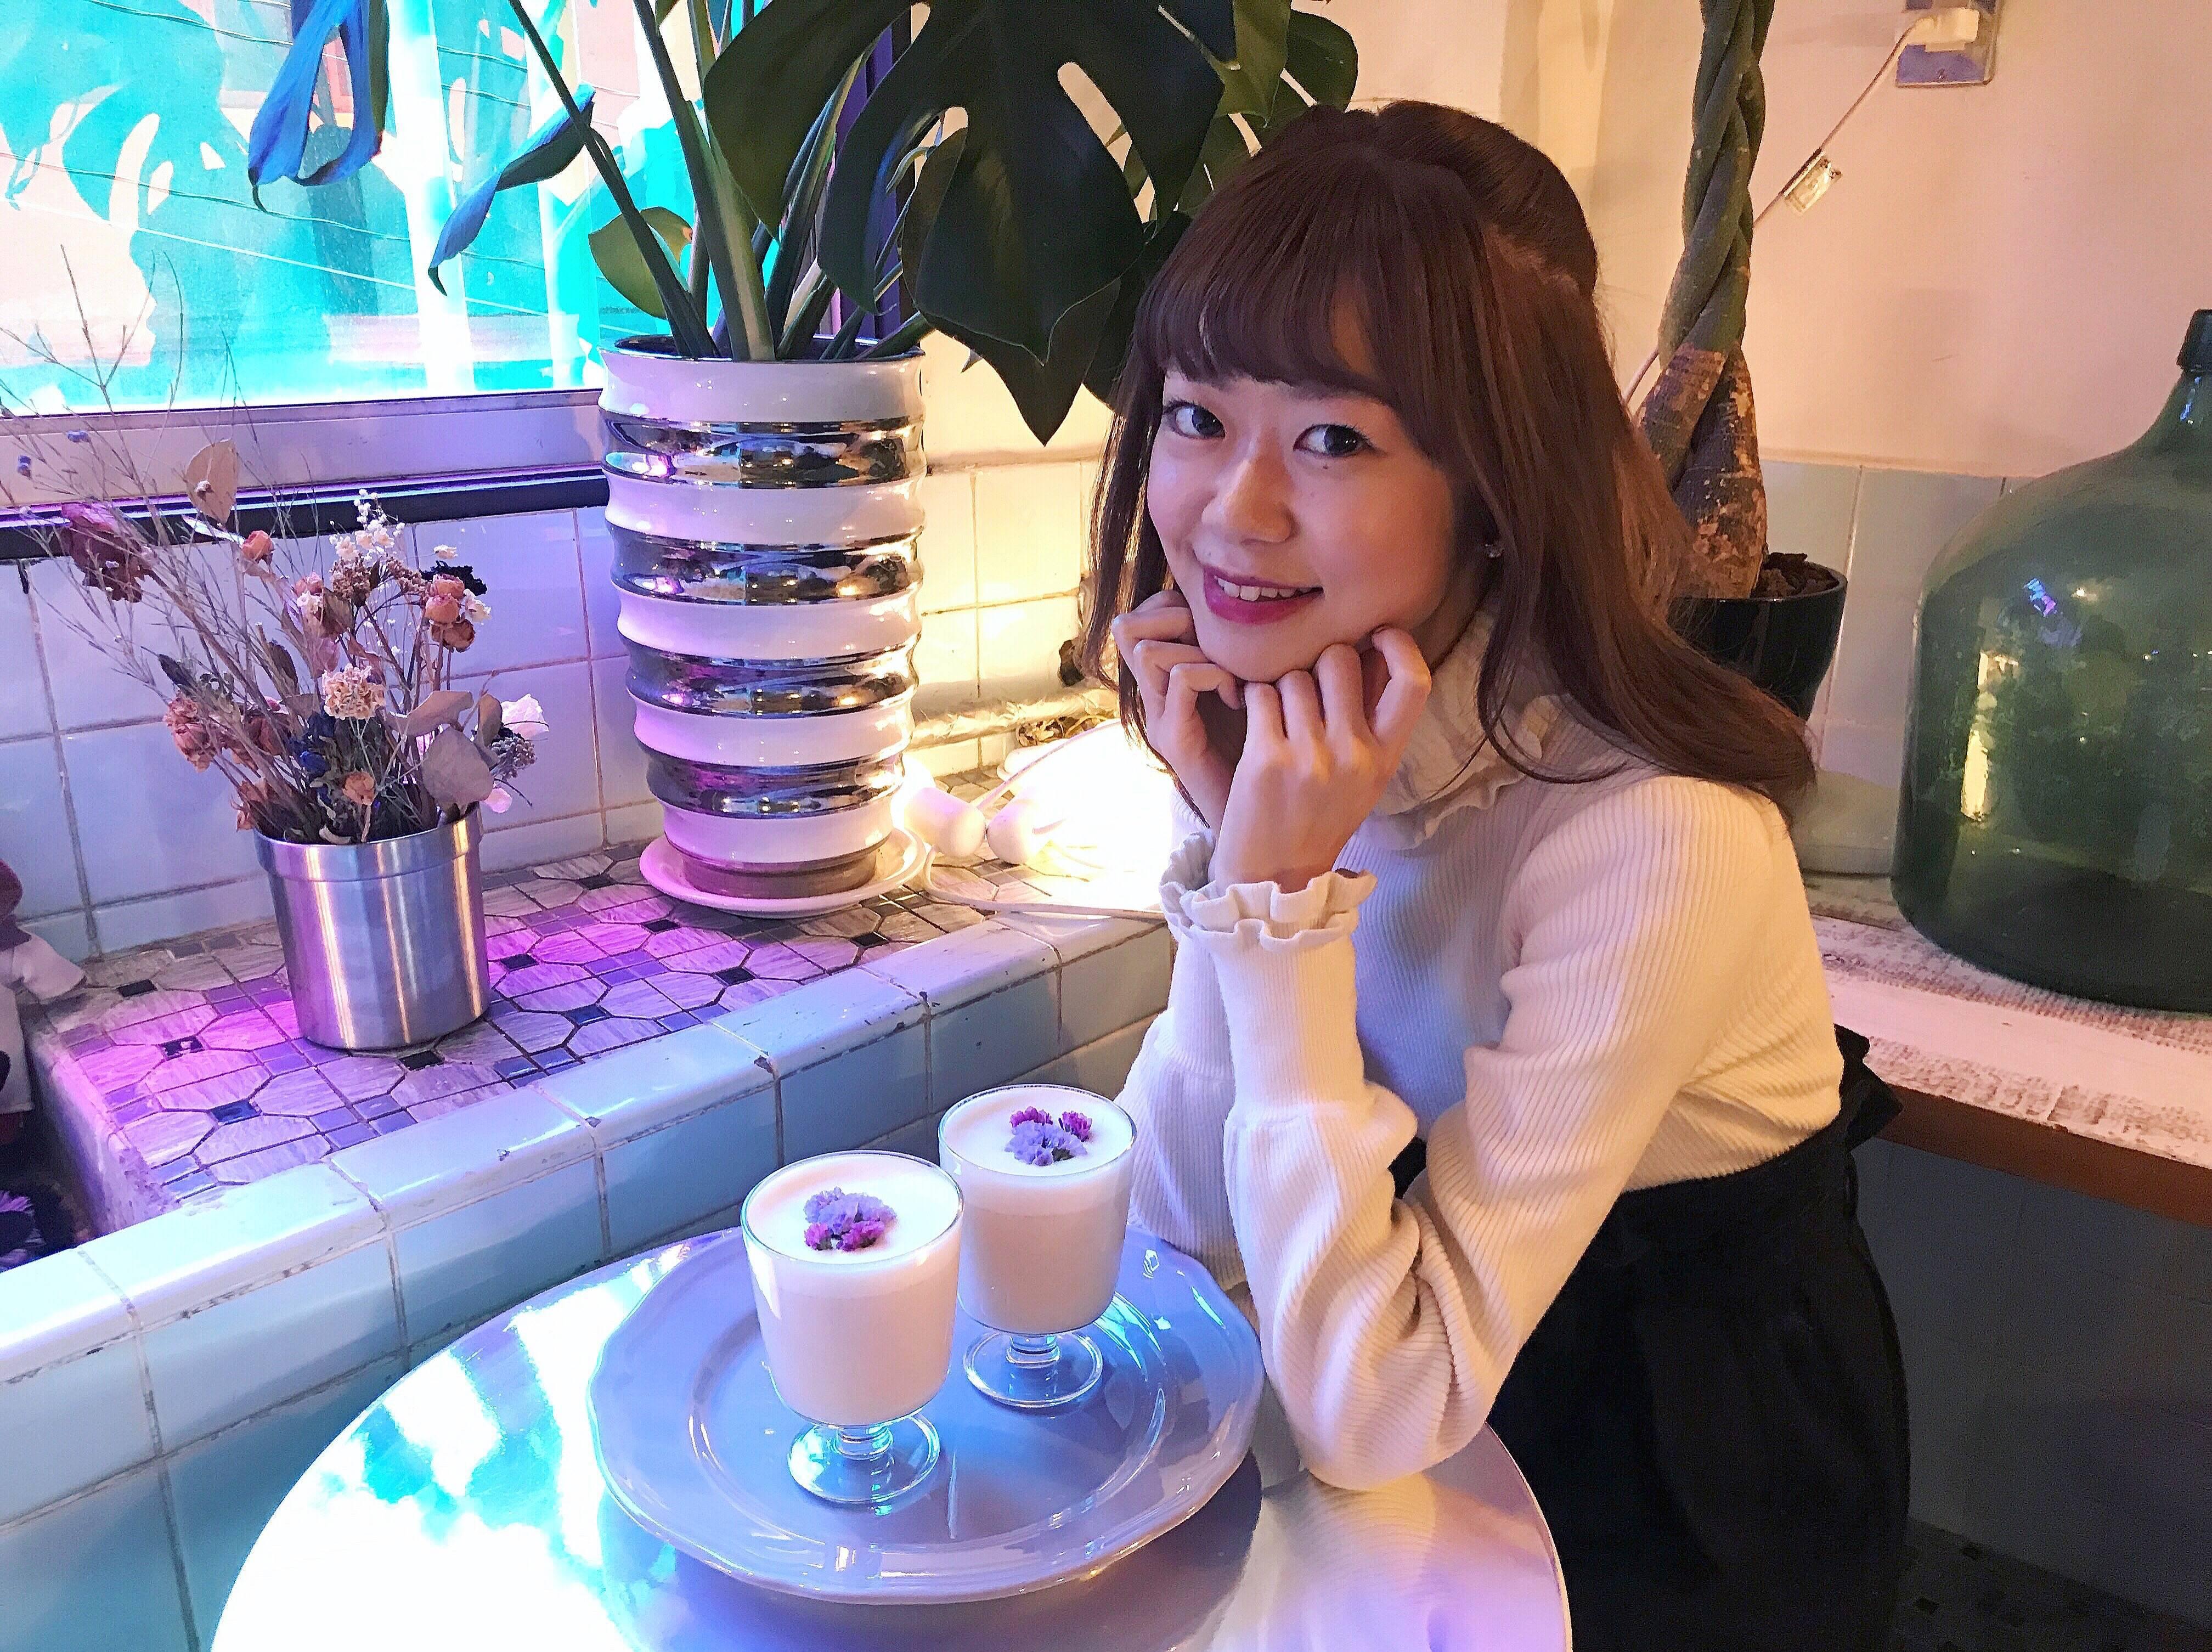 Vol.70♡ 大阪のカフェ巡りで困ったらここ!③【Imas project(イマスプロジェクト)】_1_2